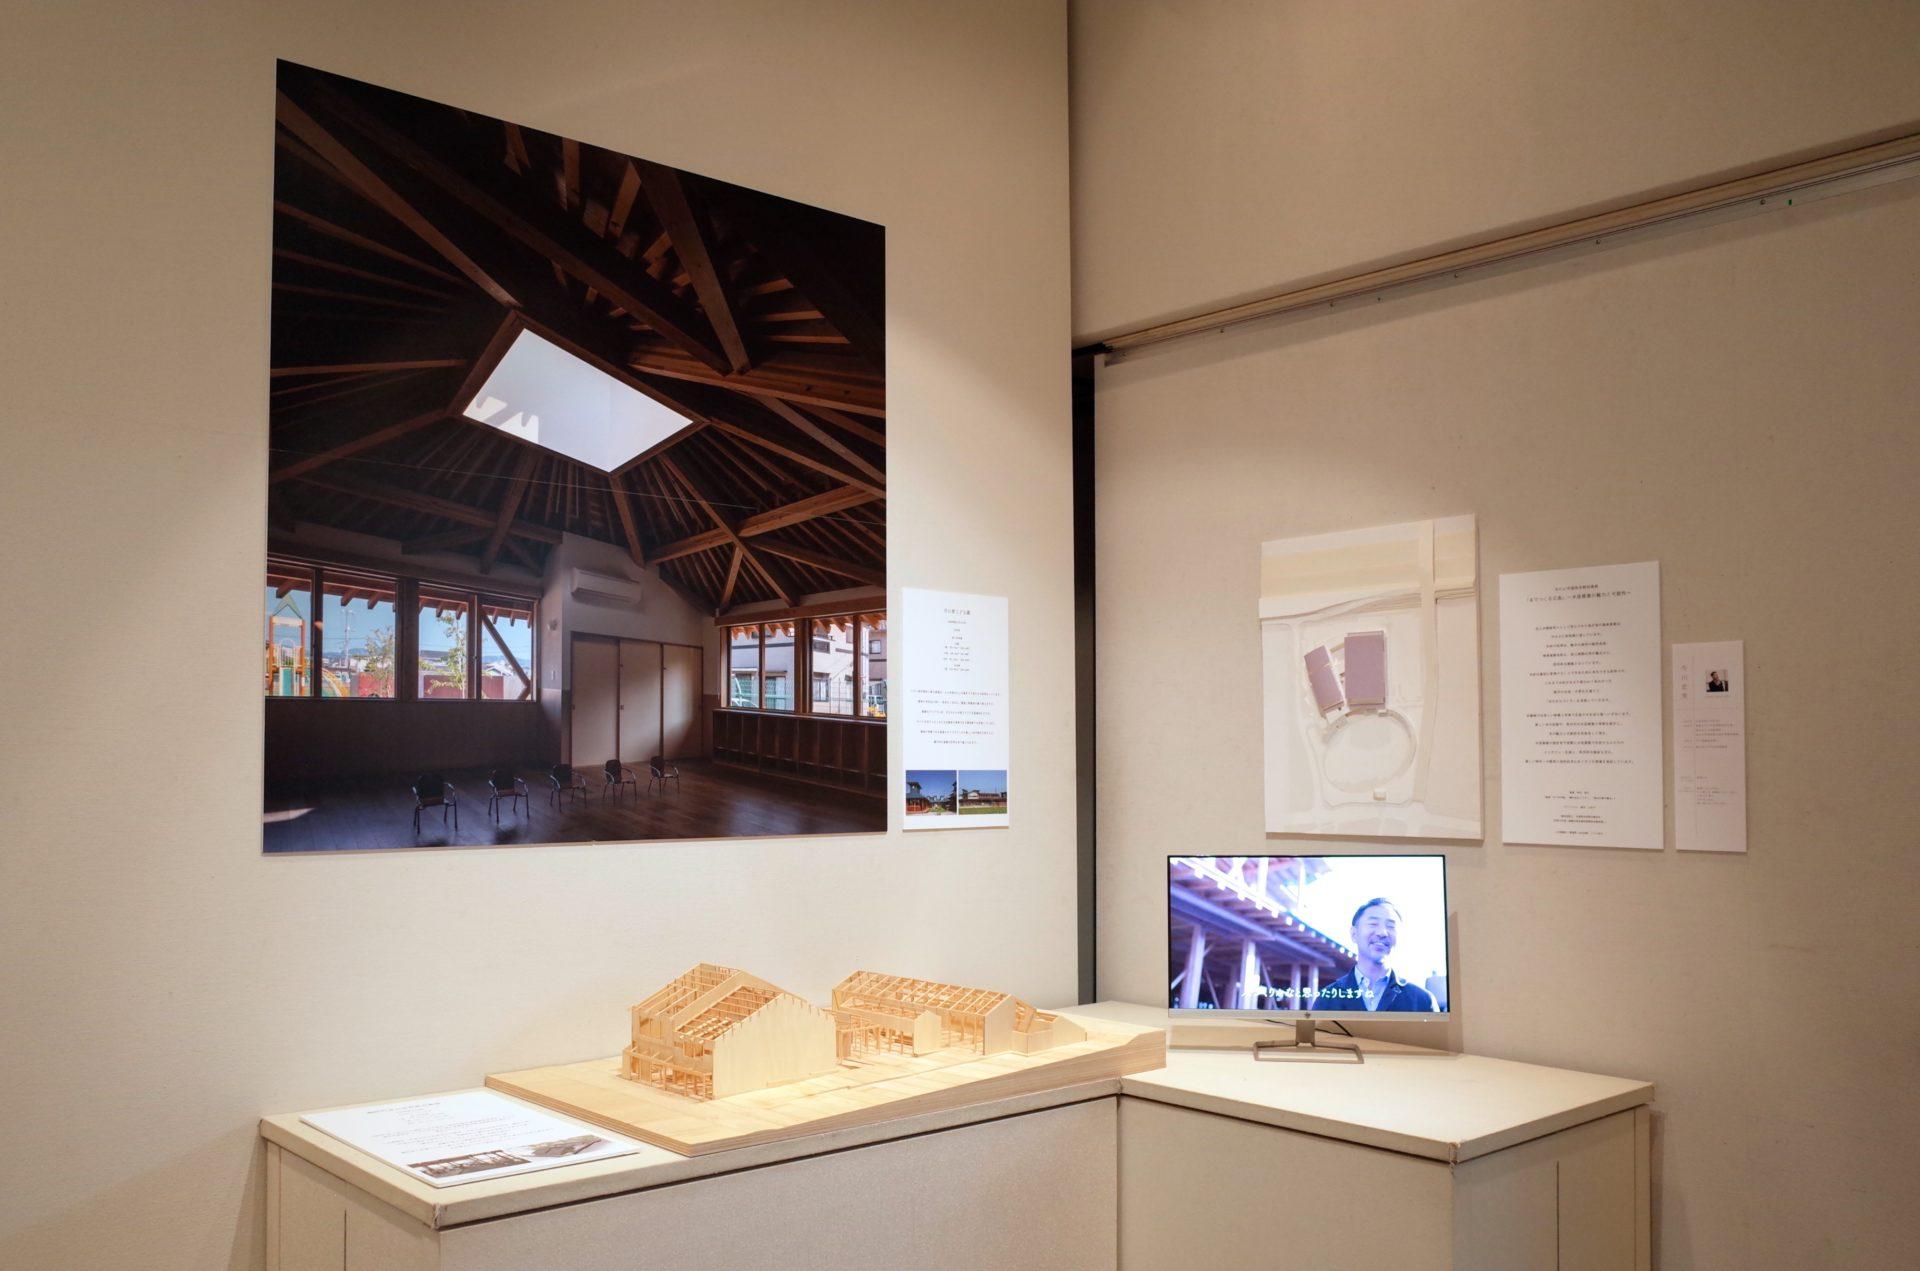 福山ゆかりの現代建築家展2021 開催中止のお知らせ